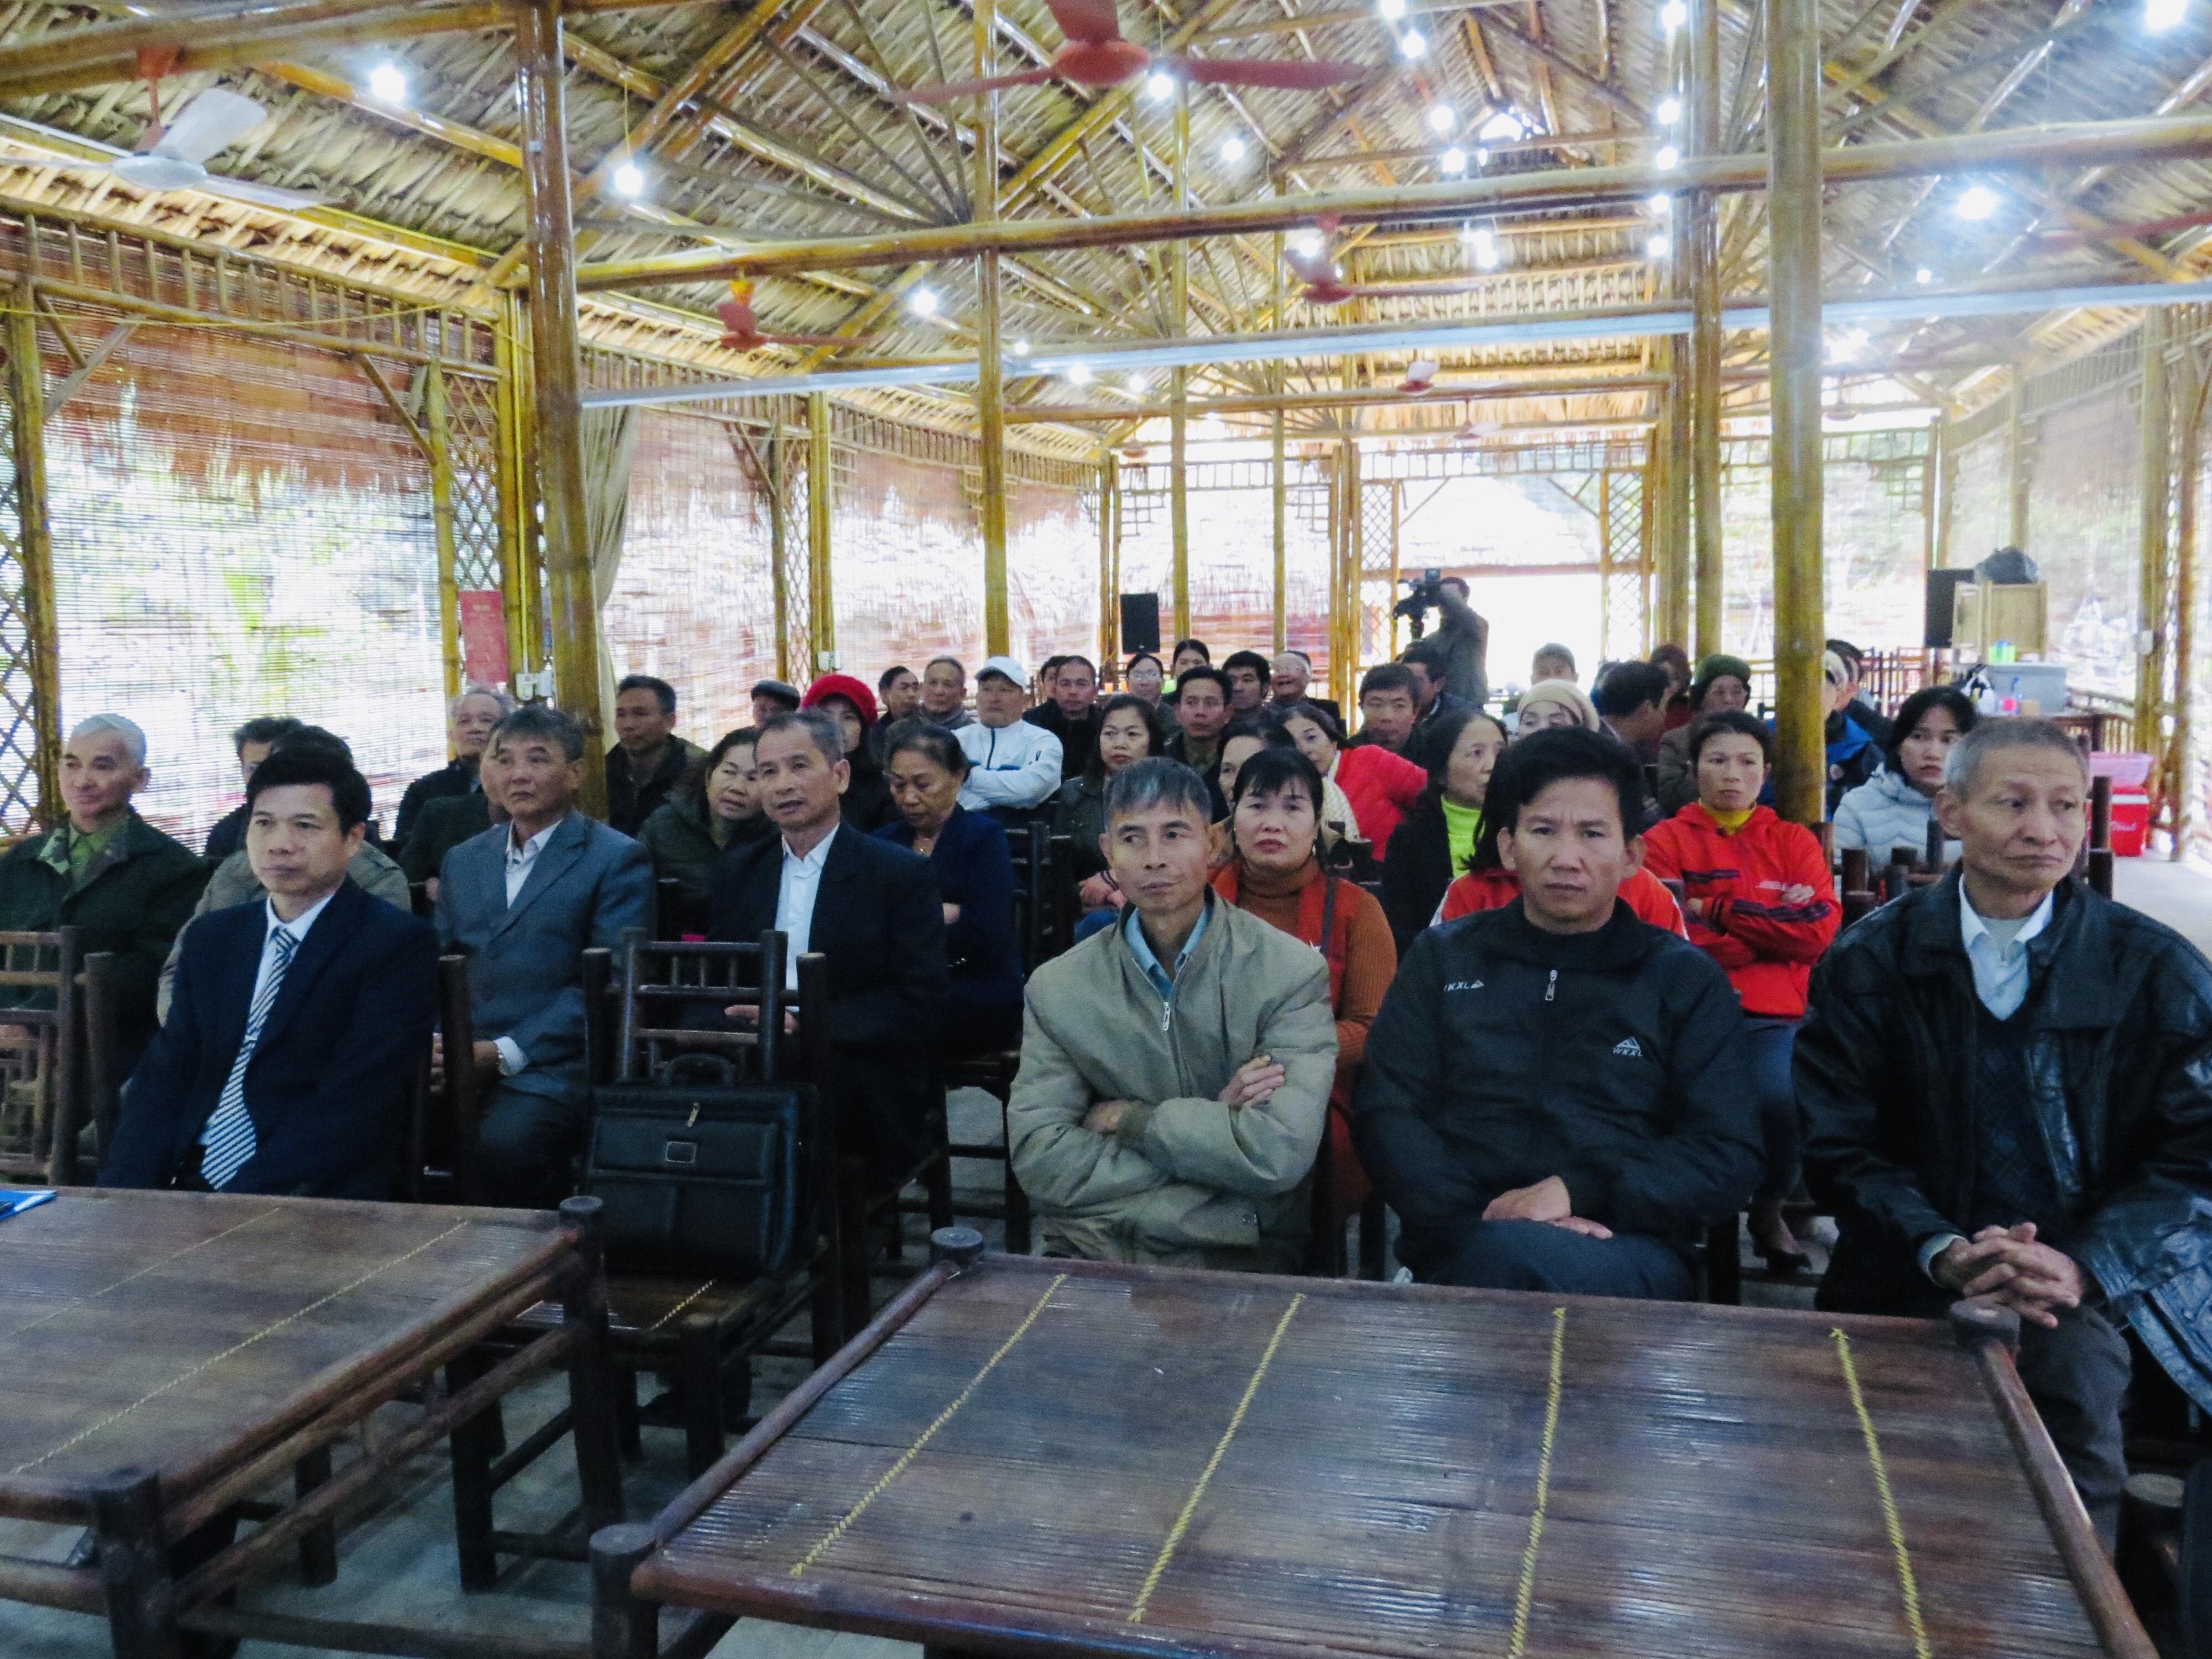 Hội nghị tập huấn kỹ năng làm Du lịch cộng đồng và sản xuất các sản phẩm nông nghiệp gắn với phát triển du lịch